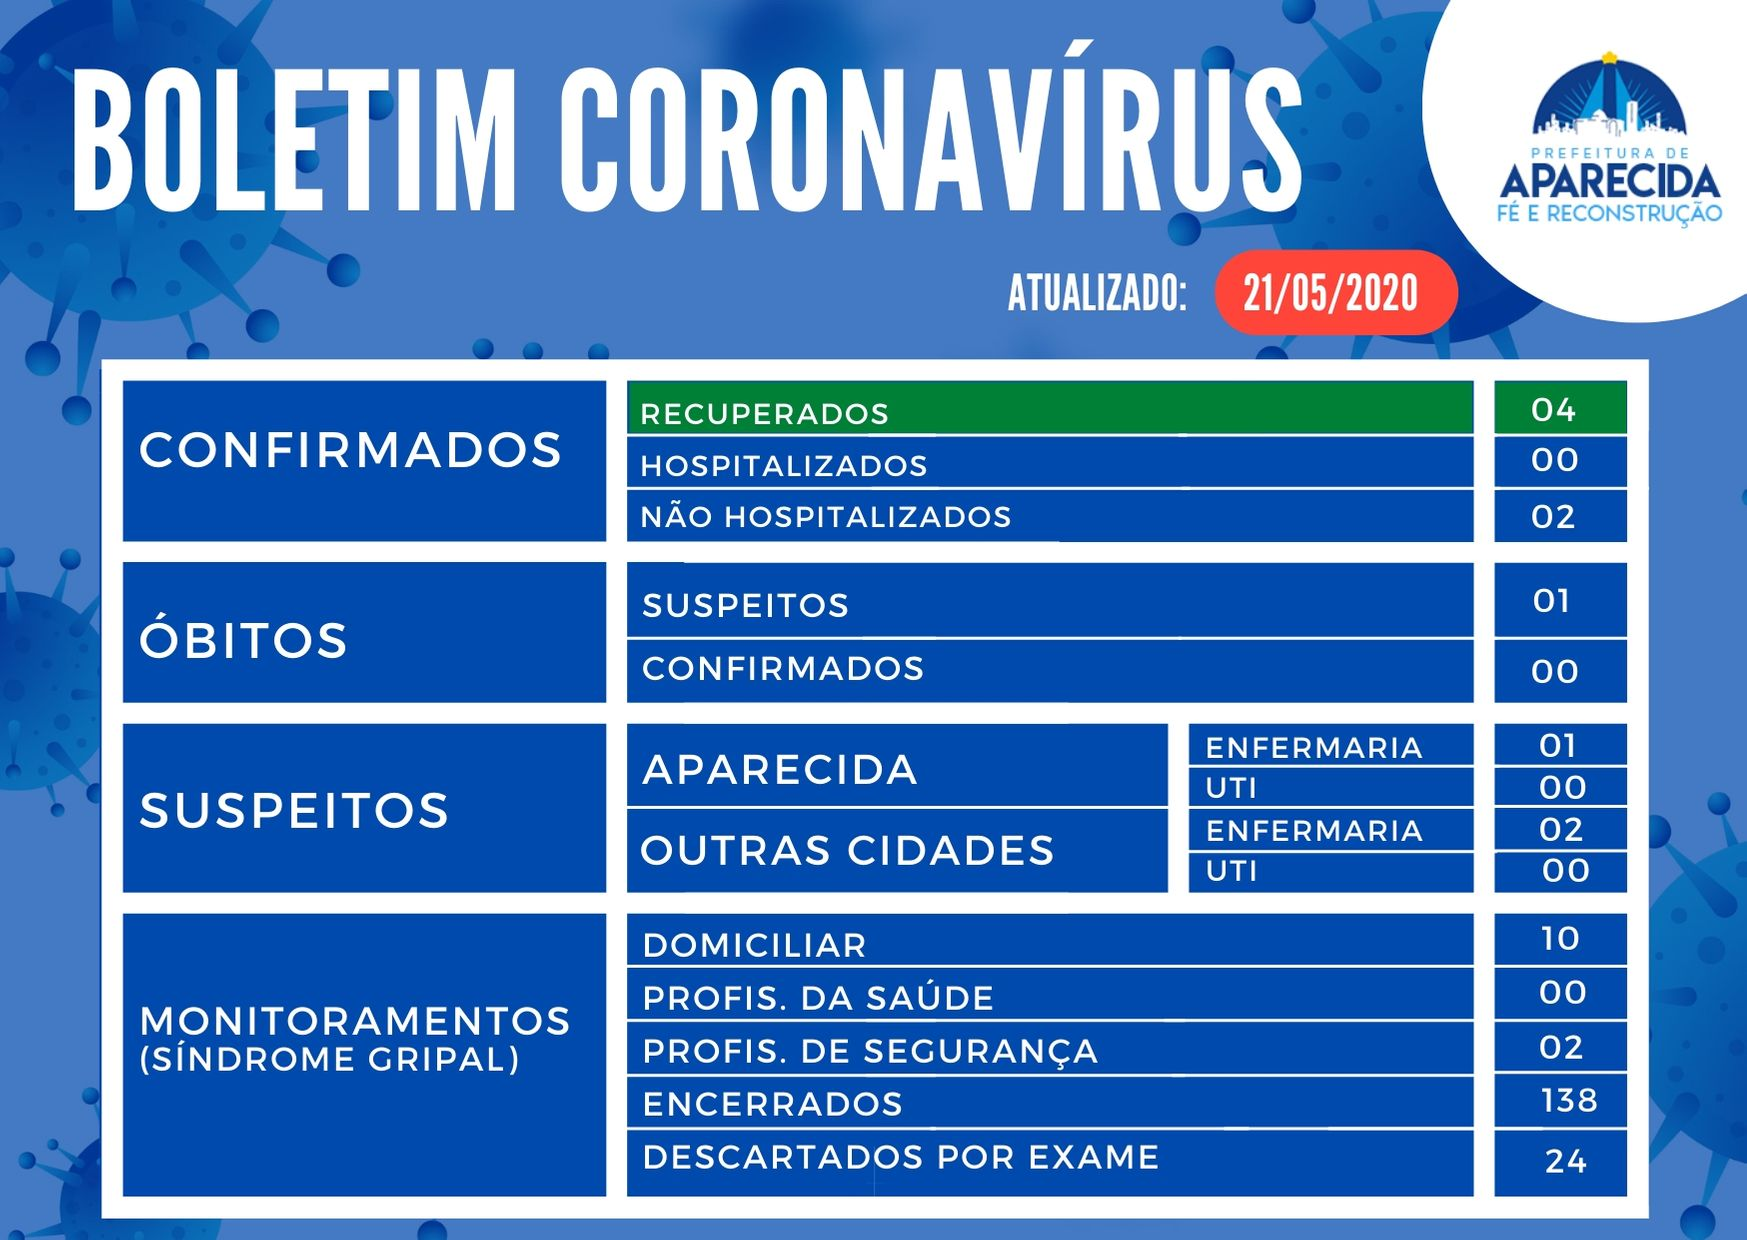 BOLETIM CORONAVÍRUS (7)